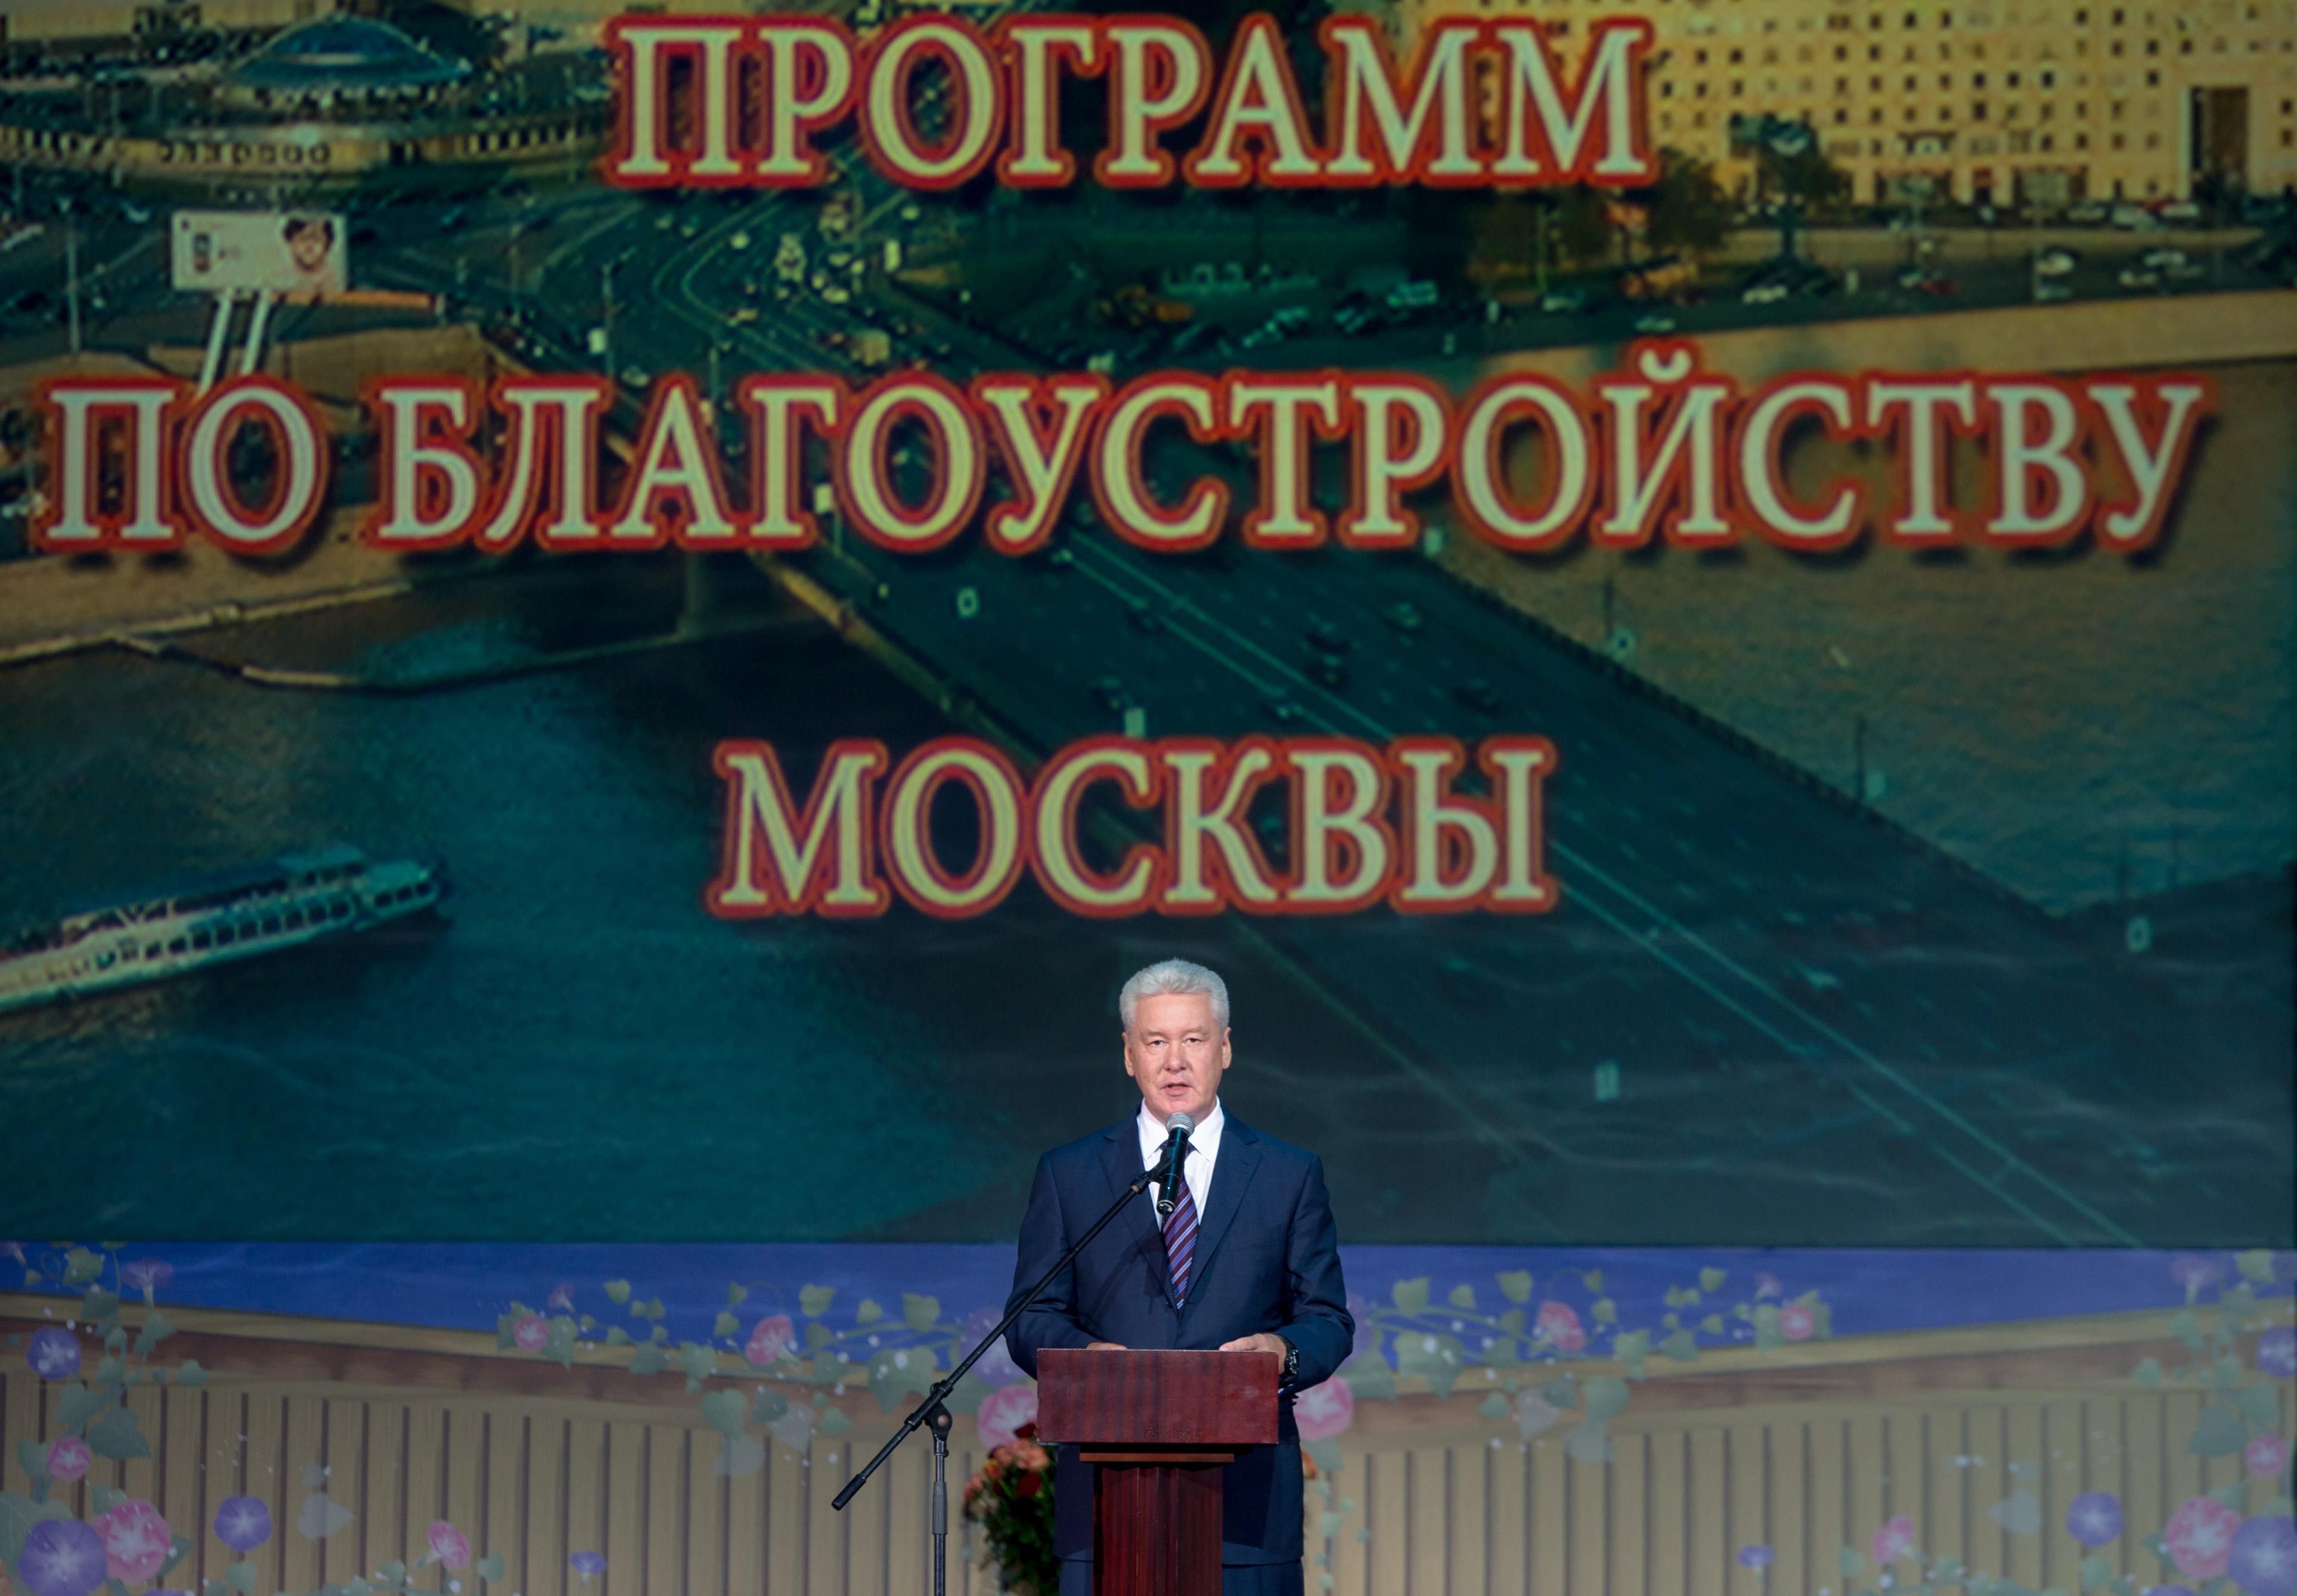 Сергей Собянин во время торжественного мероприятия, посвящённого выполнению программ 2014 года по благоустройству города